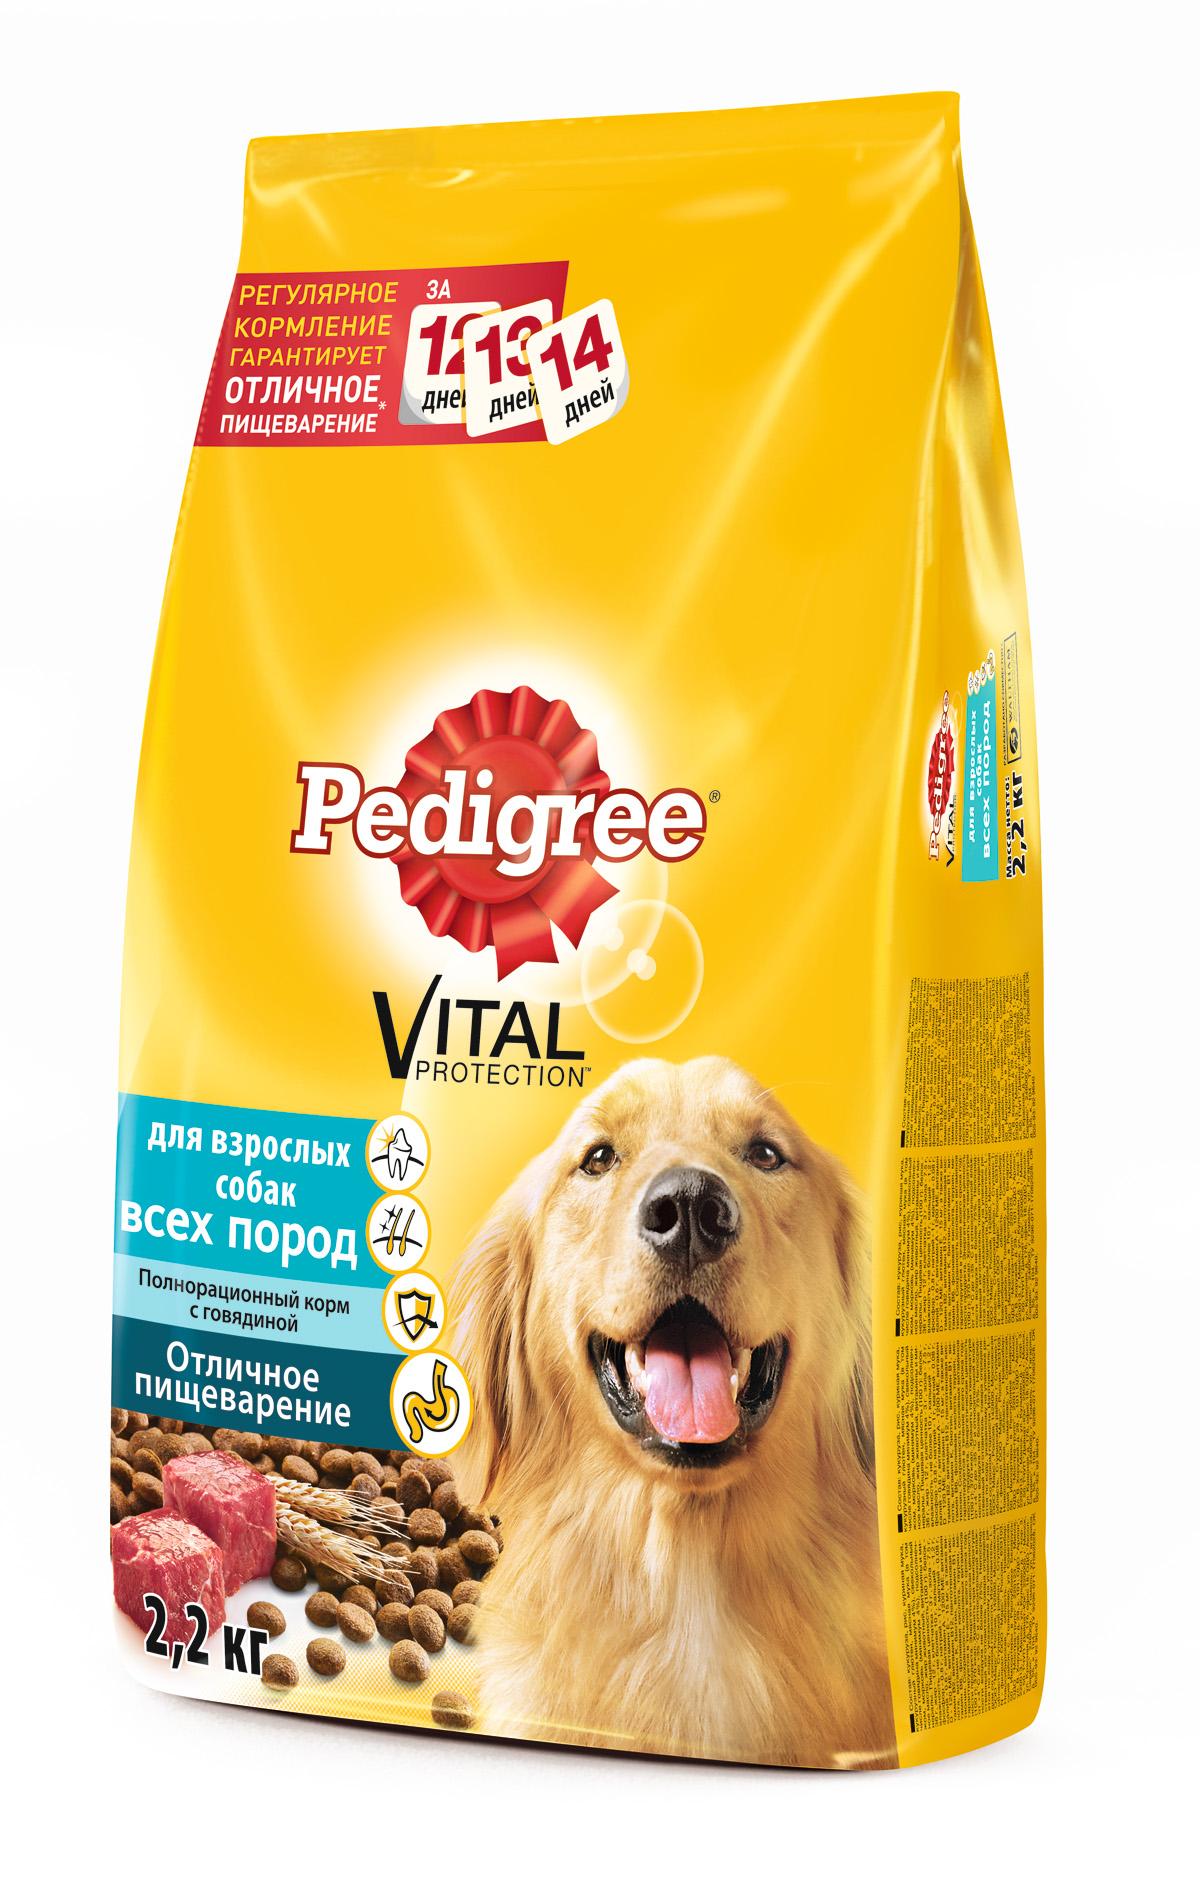 Корм сухой Pedigree для взрослых собак всех пород, с говядиной, 2,2 кг52254Сухой рацион Pedigree - это полезный и вкусный корм, приготовленный по специальным рецептам с учетом физиологических потребностей собак. Особенности сухого корма Pedigree: оптимальный уровень кальция способствует укреплению зубов; ланолевая кислота, цинк и витамины группы В необходимы для здоровья кожи и шерсти; витамин Е и цинк поддерживают иммунную систему; высокоусвояемые ингредиенты и клетчатка обеспечивают оптимальное пищеварение. Состав: кукуруза, рис, куриная мука, кукурузный глютен, мясная мука (в том числе говядина минимум 4%), свекольный жом, морковь (минимум 4%), подсолнечное масло, жир животный, витамины и минералы. Пищевая ценность в 100 г: белки - 22 г, жиры - 11 г, зола - 7 г, клетчатка - 5 г, влажность - не более 10 г, кальций - 1,0 г, фосфор - 0,9 г, натрий - 0,3 г, калий - 0,58 г, магний - 0,1 г, цинк - 18 мг, медь - 1,5 мг, витамин А - 1500 МЕ, витамин Е - 30 мг, витамин D3 - 120 МЕ, а также витамины...